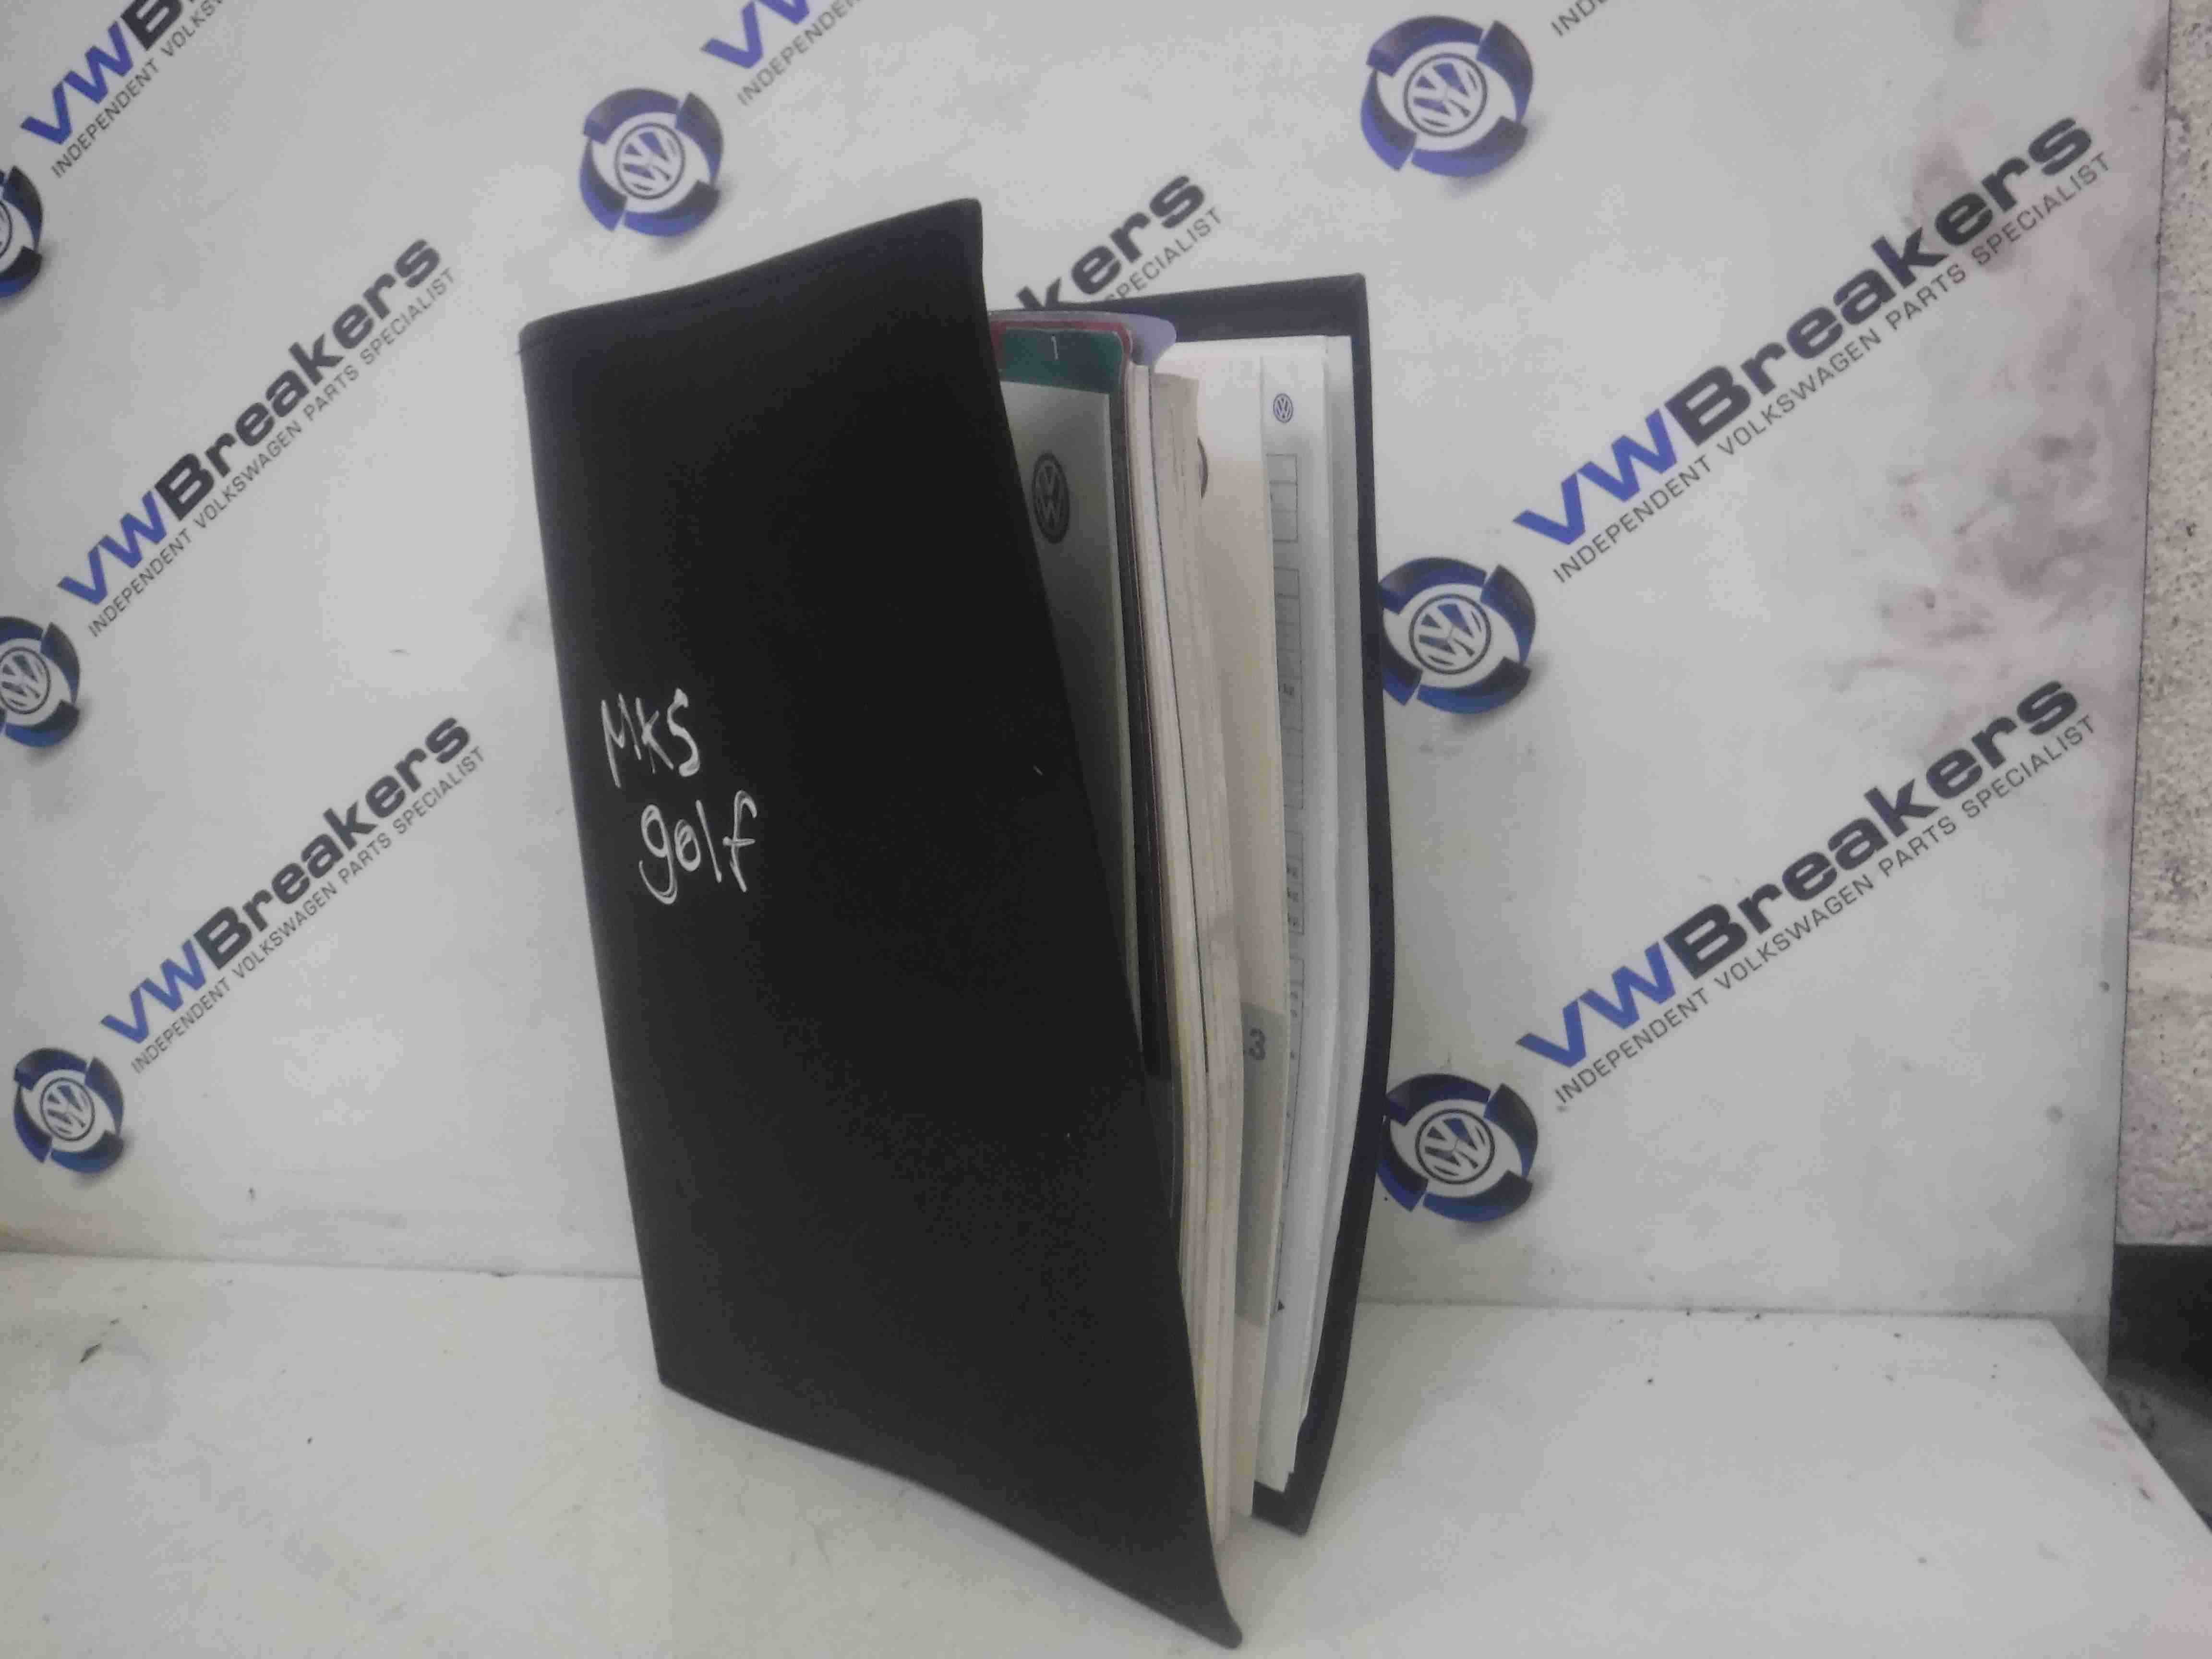 Volkswagen Golf MK5 2003-2009 Handbook Document Holder Folder